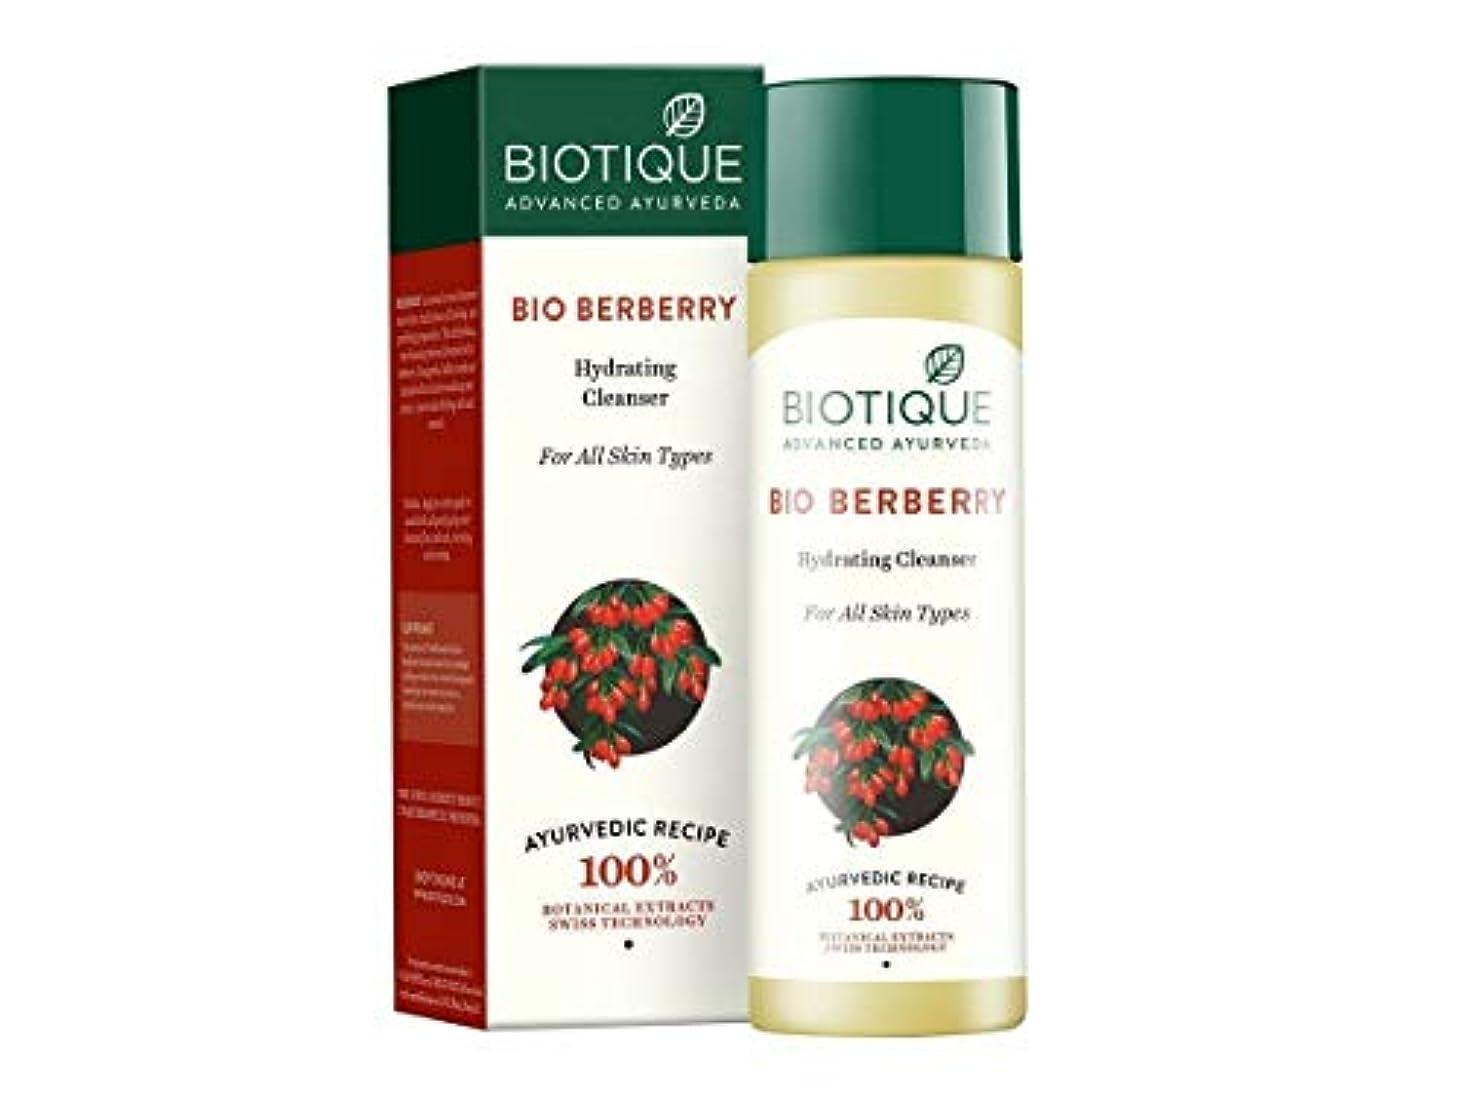 独占スリム共感するBiotique Berberry Hydrating Cleanser For All Skin Types, 120ml Leave Smooth Skin すべての肌タイプのためのBiotique Berberry...